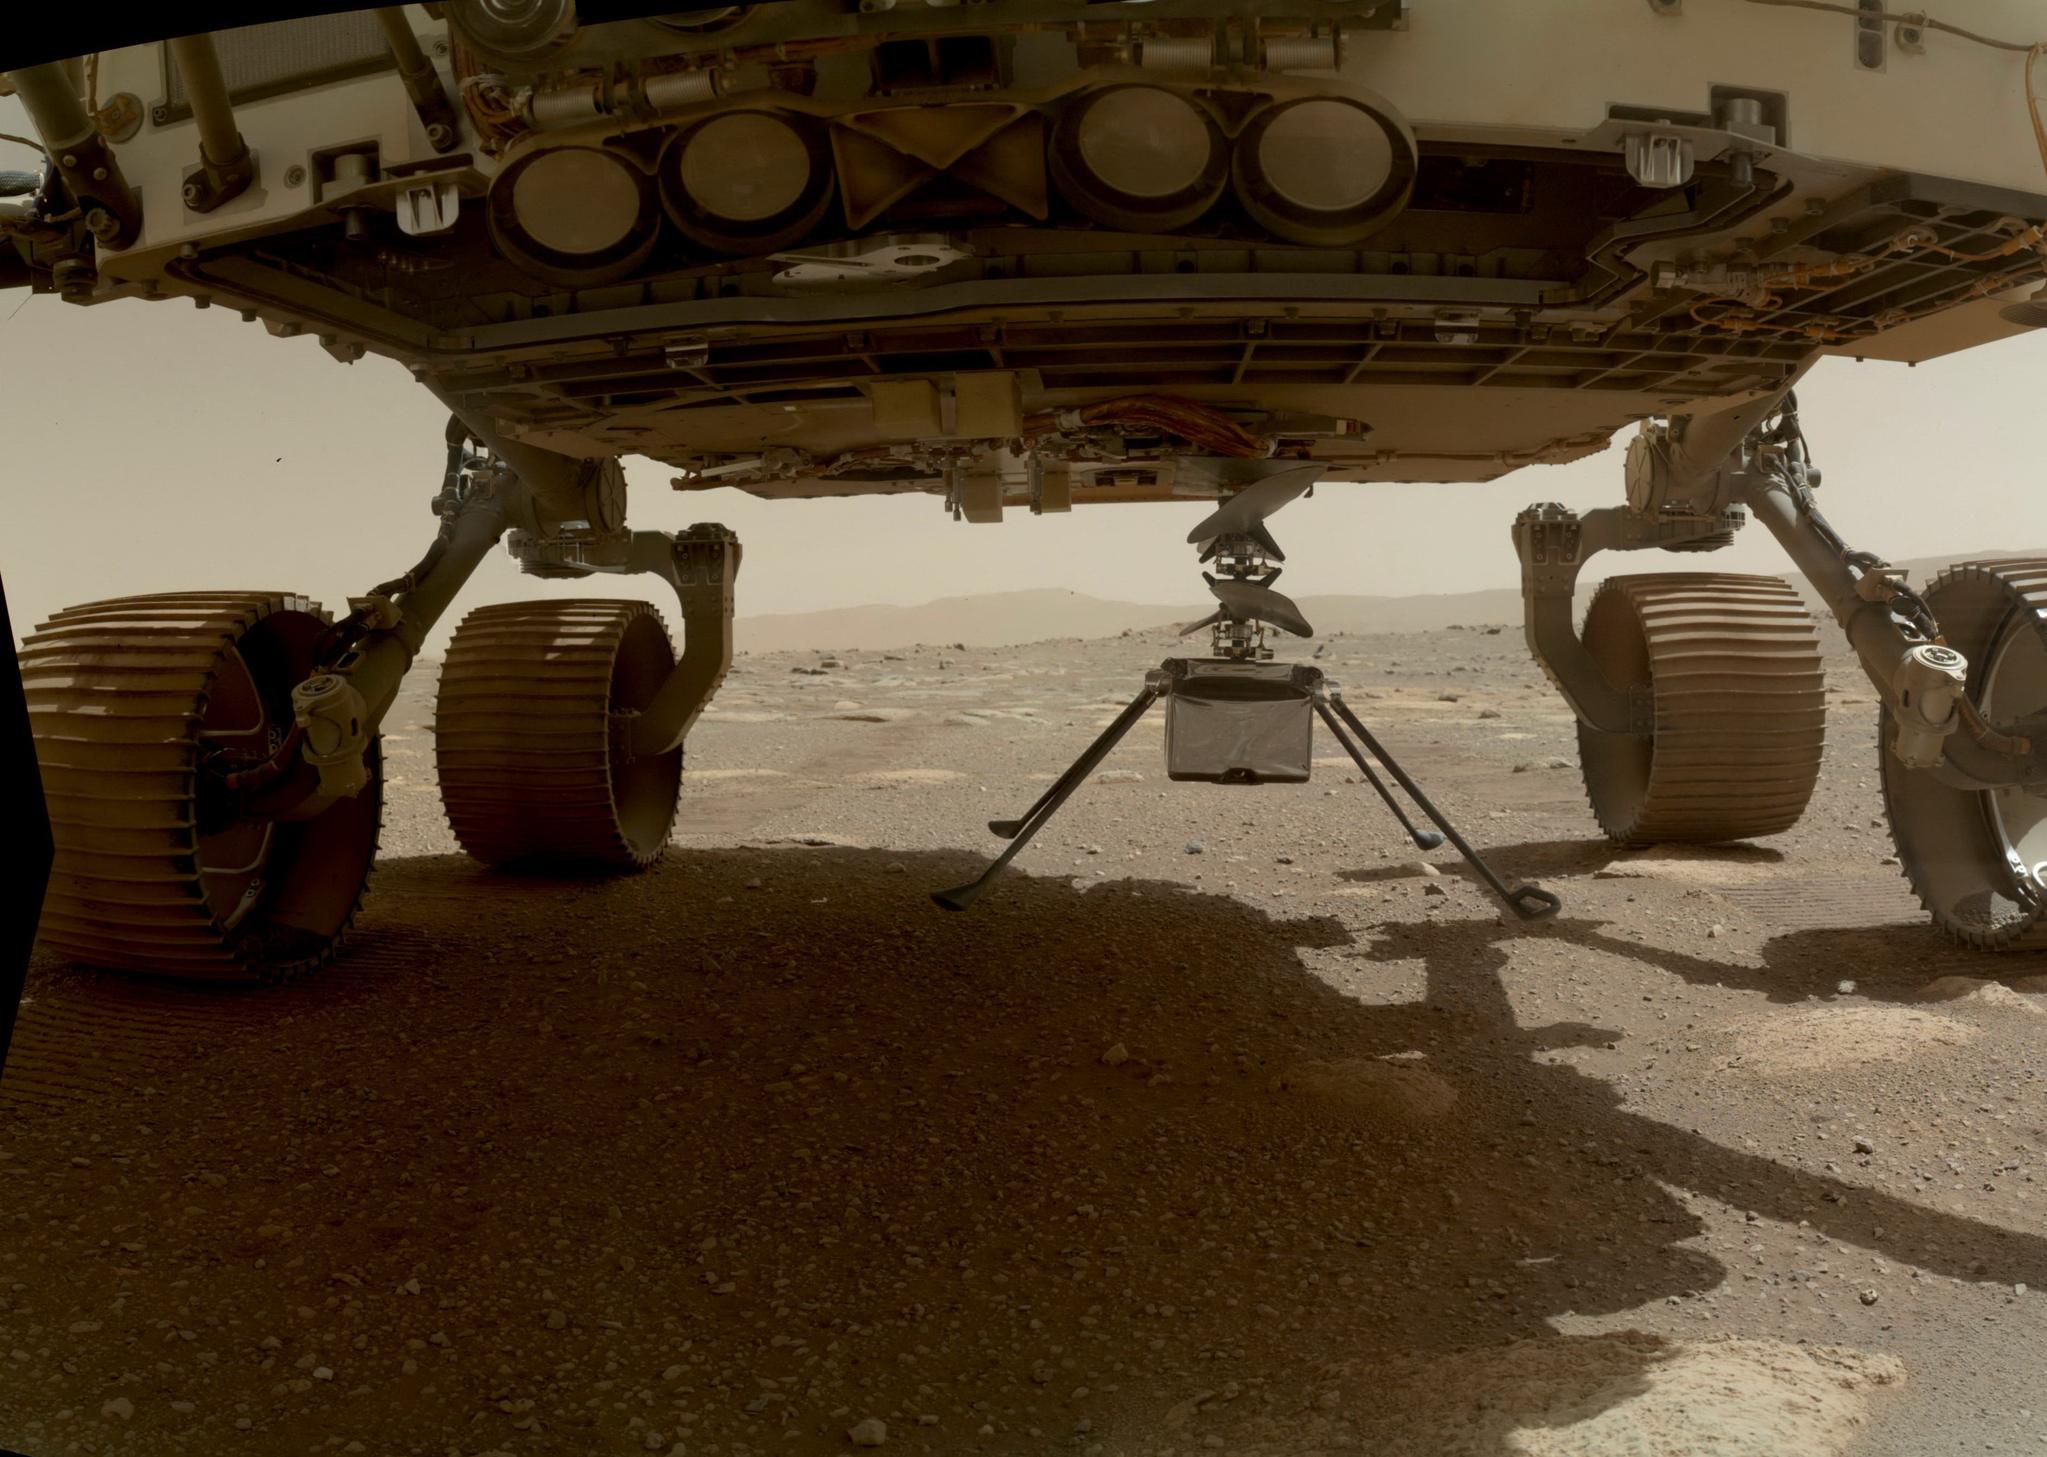 소형 헬기 인저뉴어티가 화성 탐사 로버 퍼서비어런스 아래 부착된 보습. 분리되기 전 헬기의 네 발이 펼쳐지고 있다. 지난 3월 30일 촬영하고 4월 6일 미국 항공우주국(NASA)이 제공한 사진이다. AFP=연합뉴스